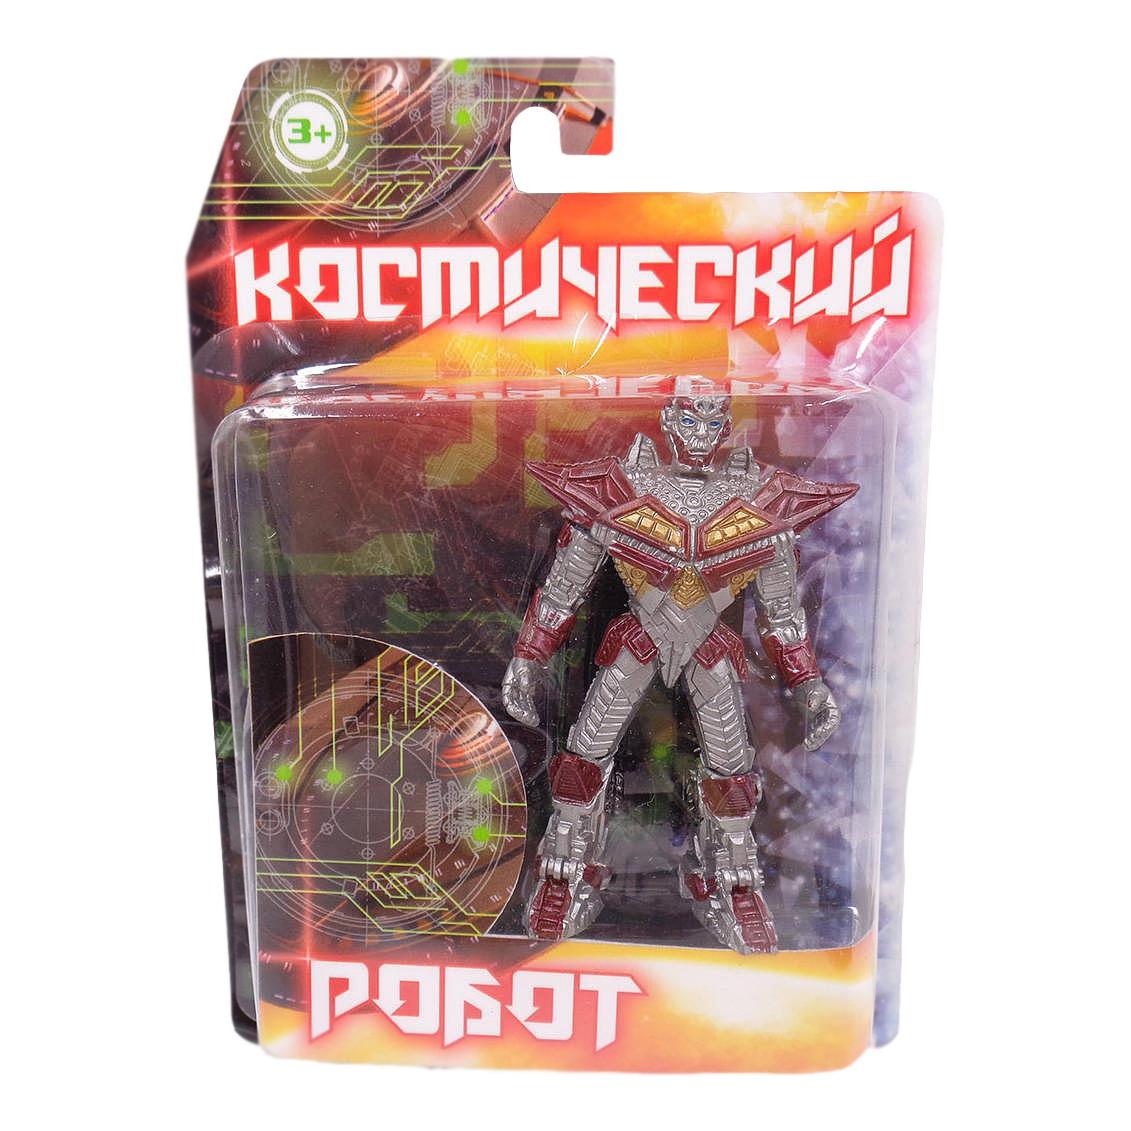 Робот космический, транформер, без эффектов )Роботы, Воины<br>Робот космический, транформер, без эффектов )<br>